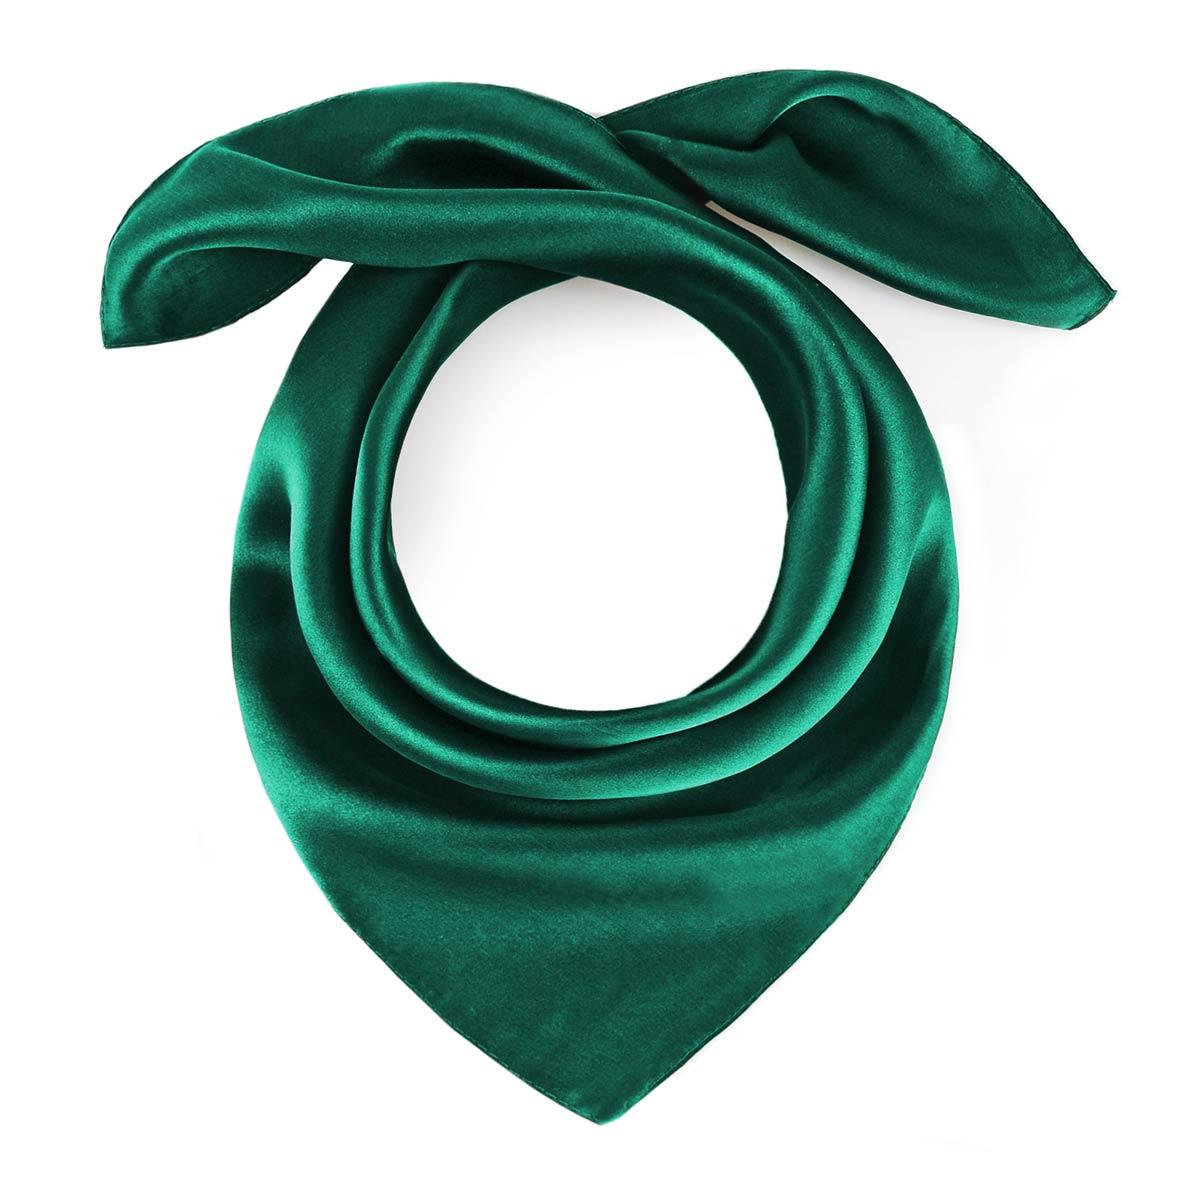 _Carre-de-soie-piccolo-vert-anglais-uni